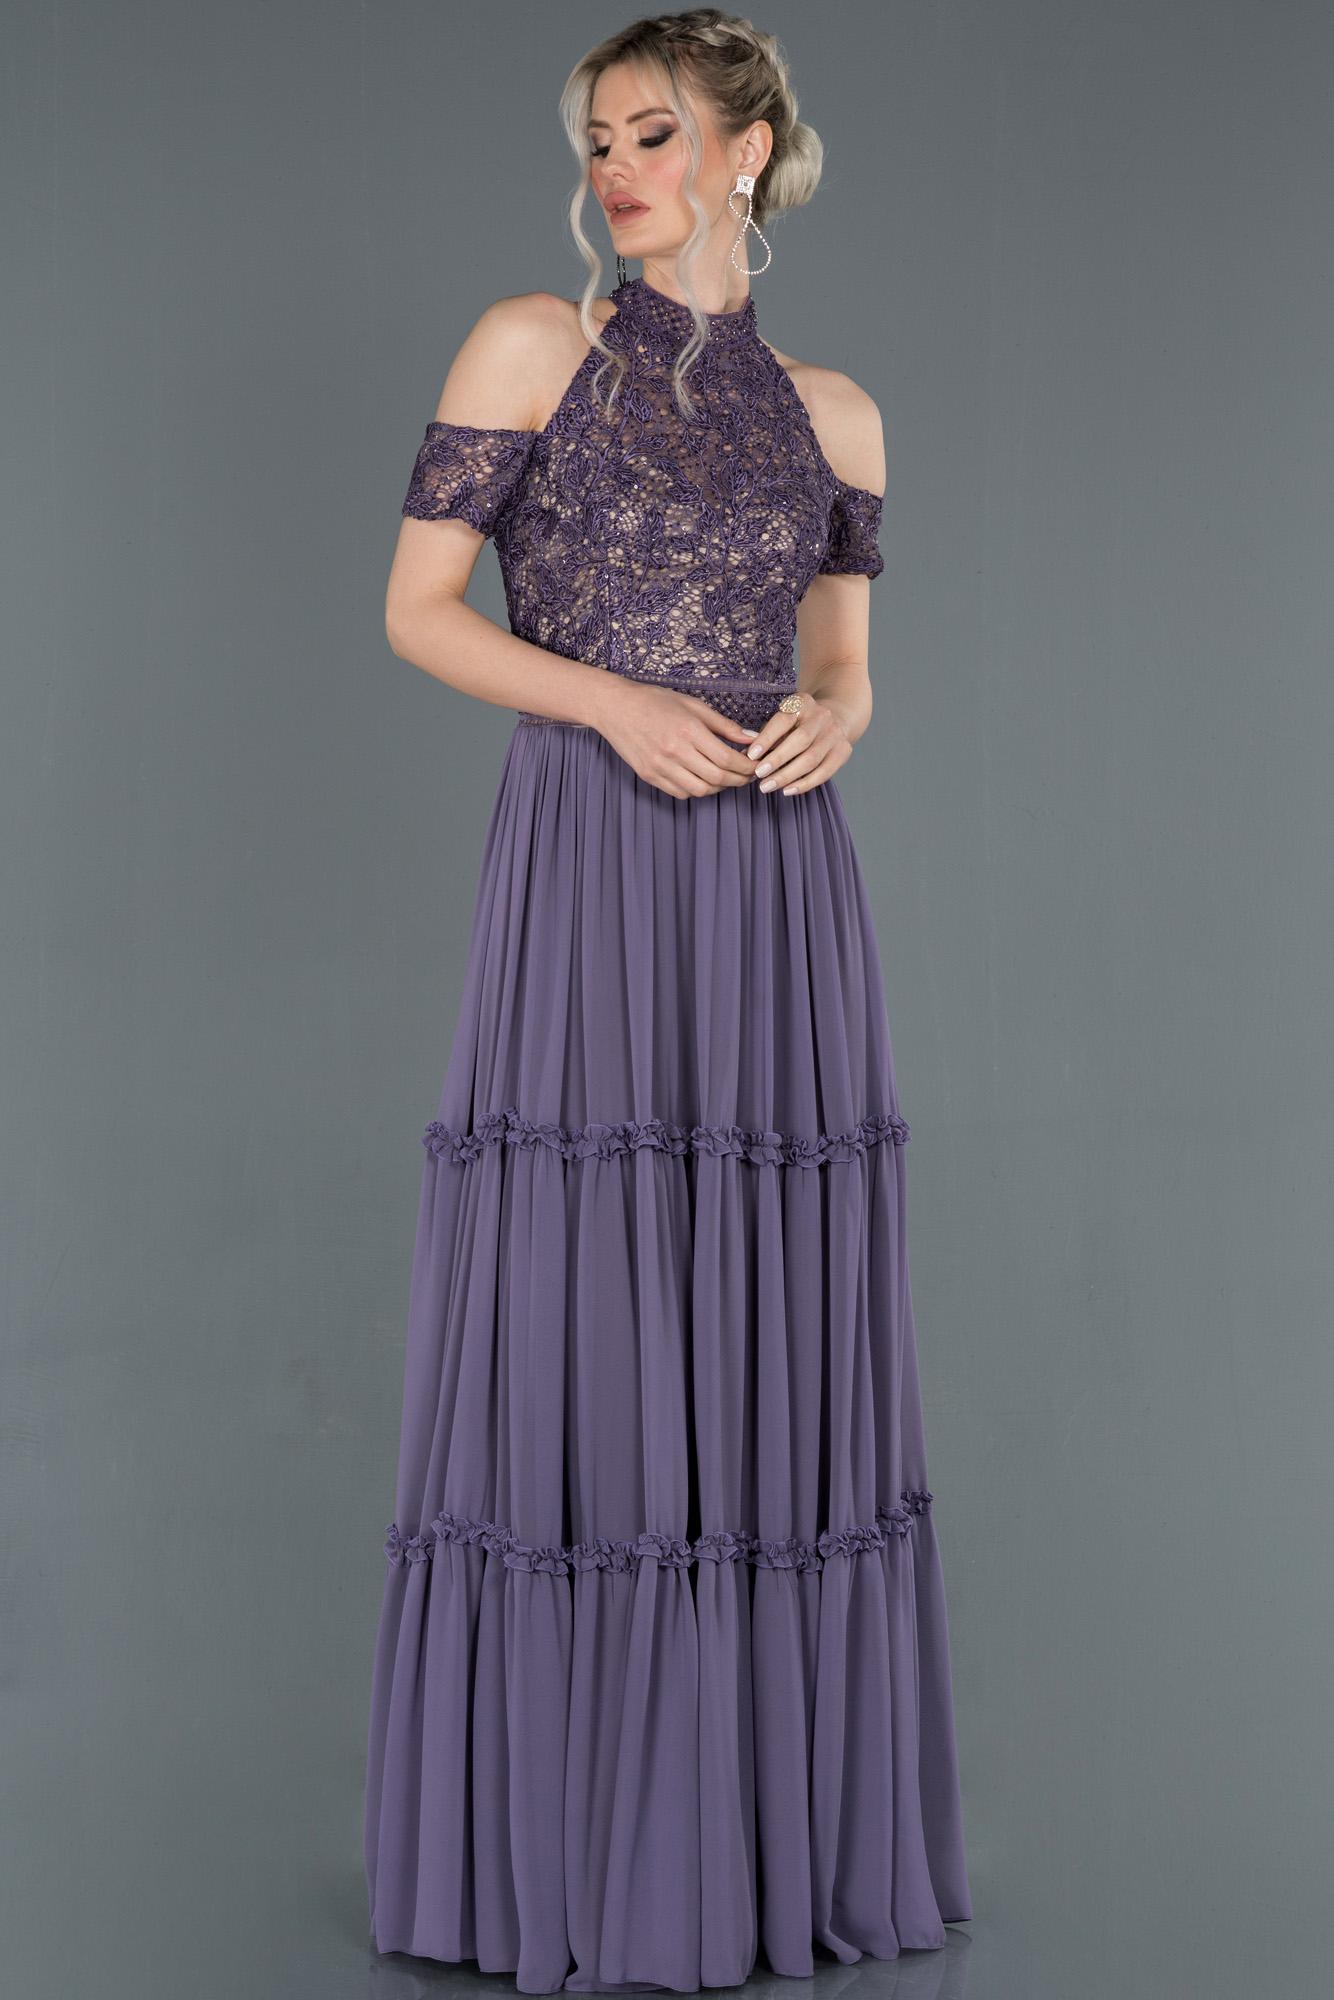 Ametist Işleme Detaylı Özel Tasarım Şifon Abiye Elbise